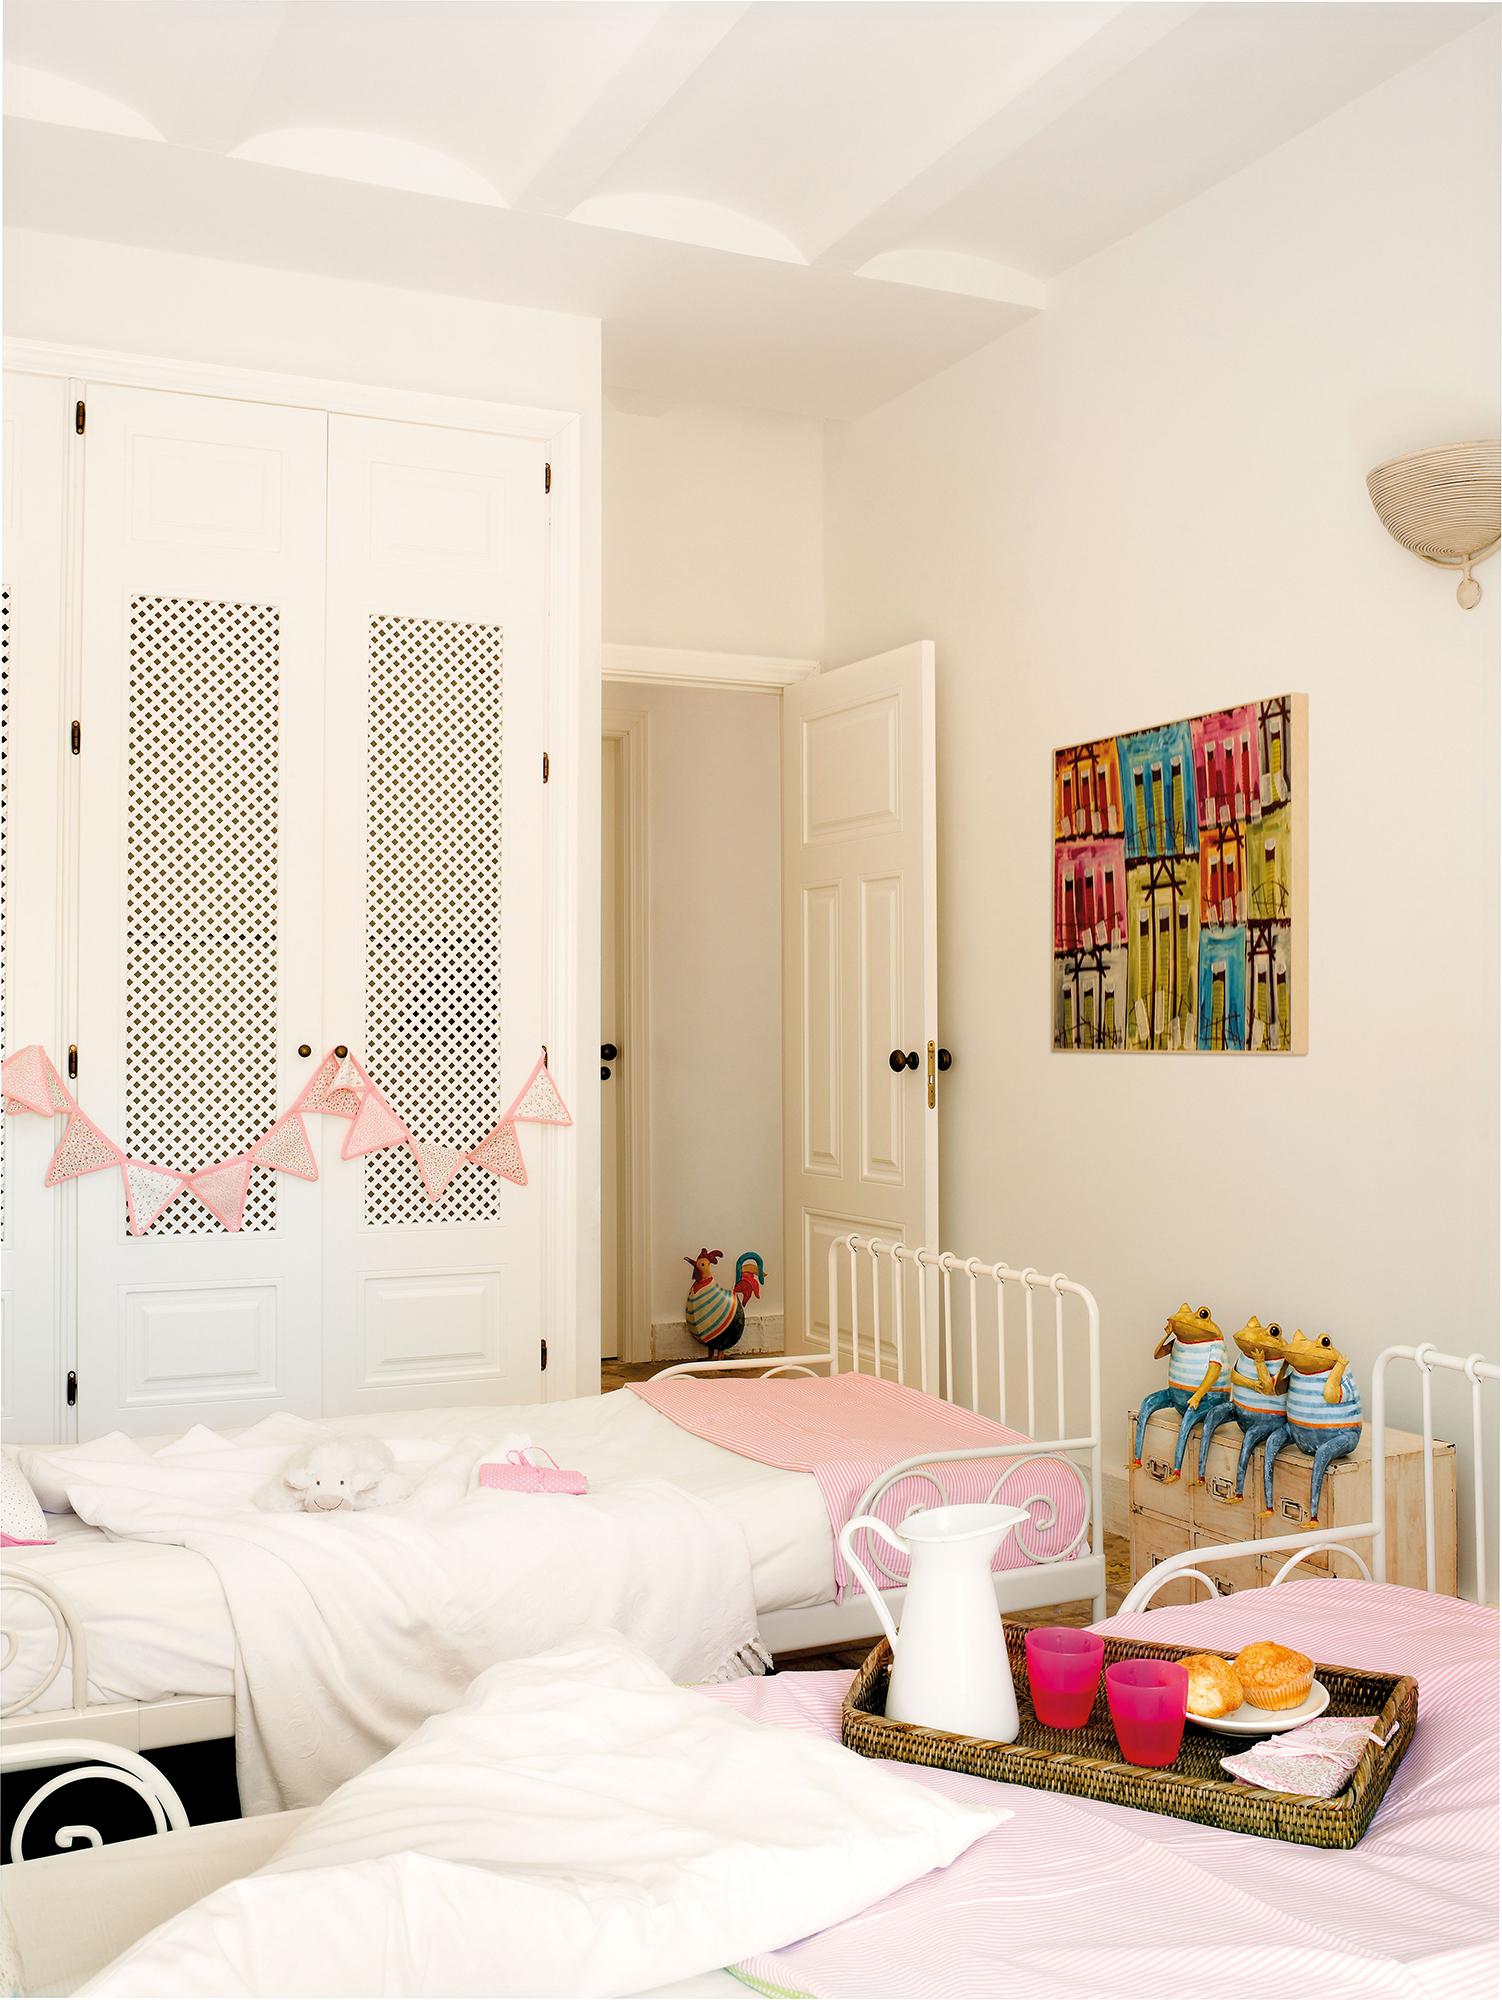 Distribuir la habitaci n infantil 5 ejemplos de xito - Distribuir armario empotrado ...